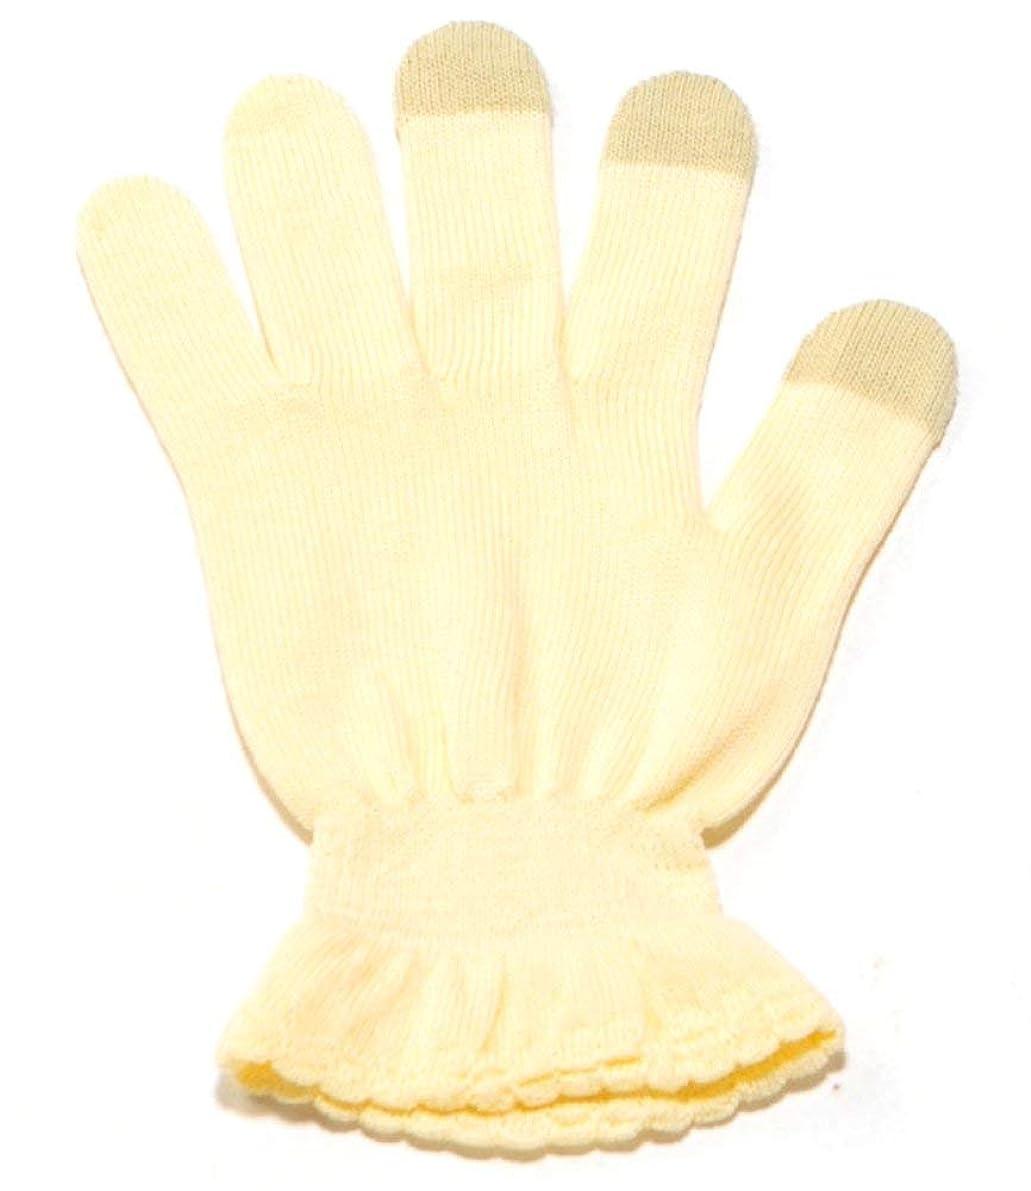 イチーナ【ハンドケア手袋タッチあり】スマホ対応 天然保湿効果配合繊維 (クリーム, S~M(17~20㎝))